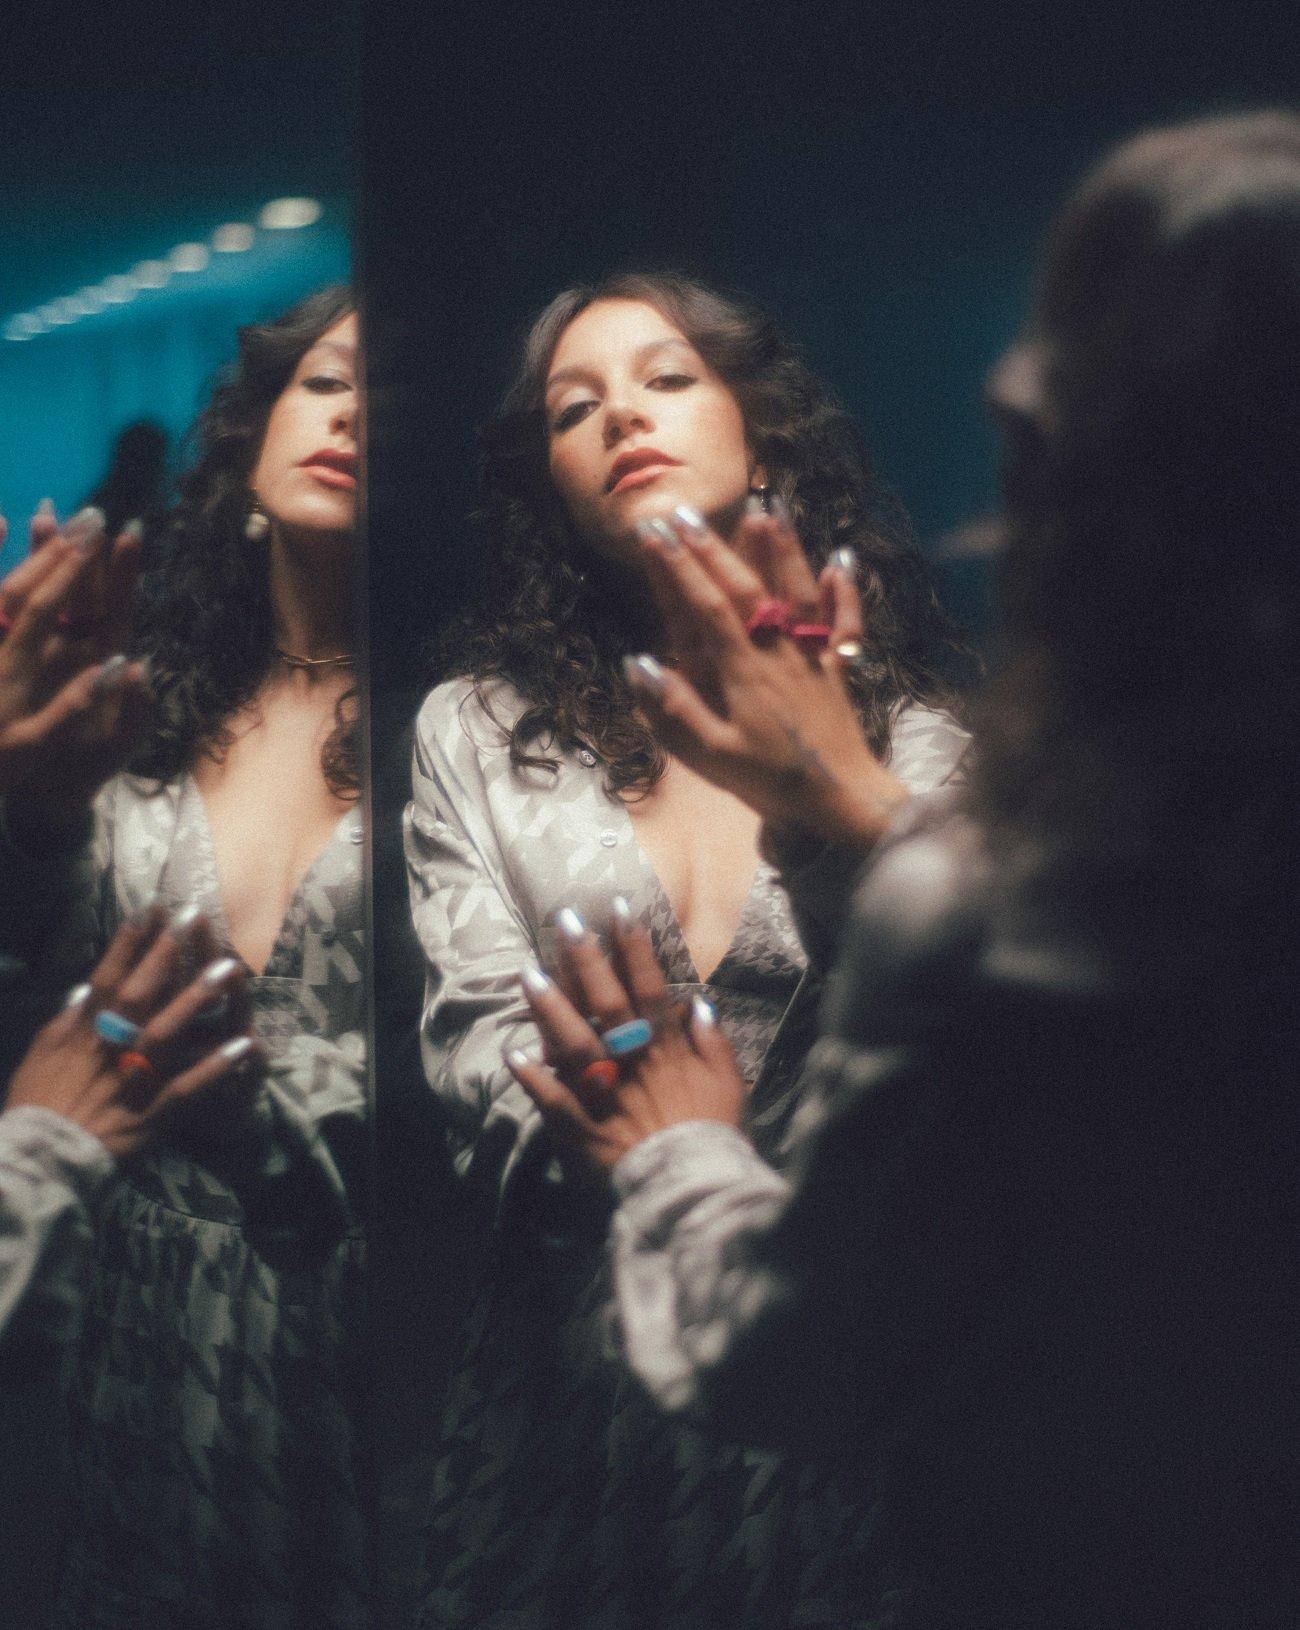 """Priscilla Alcantara fala sobre transição do gospel para o pop: \""""Estava me sentindo sem propósito\"""""""